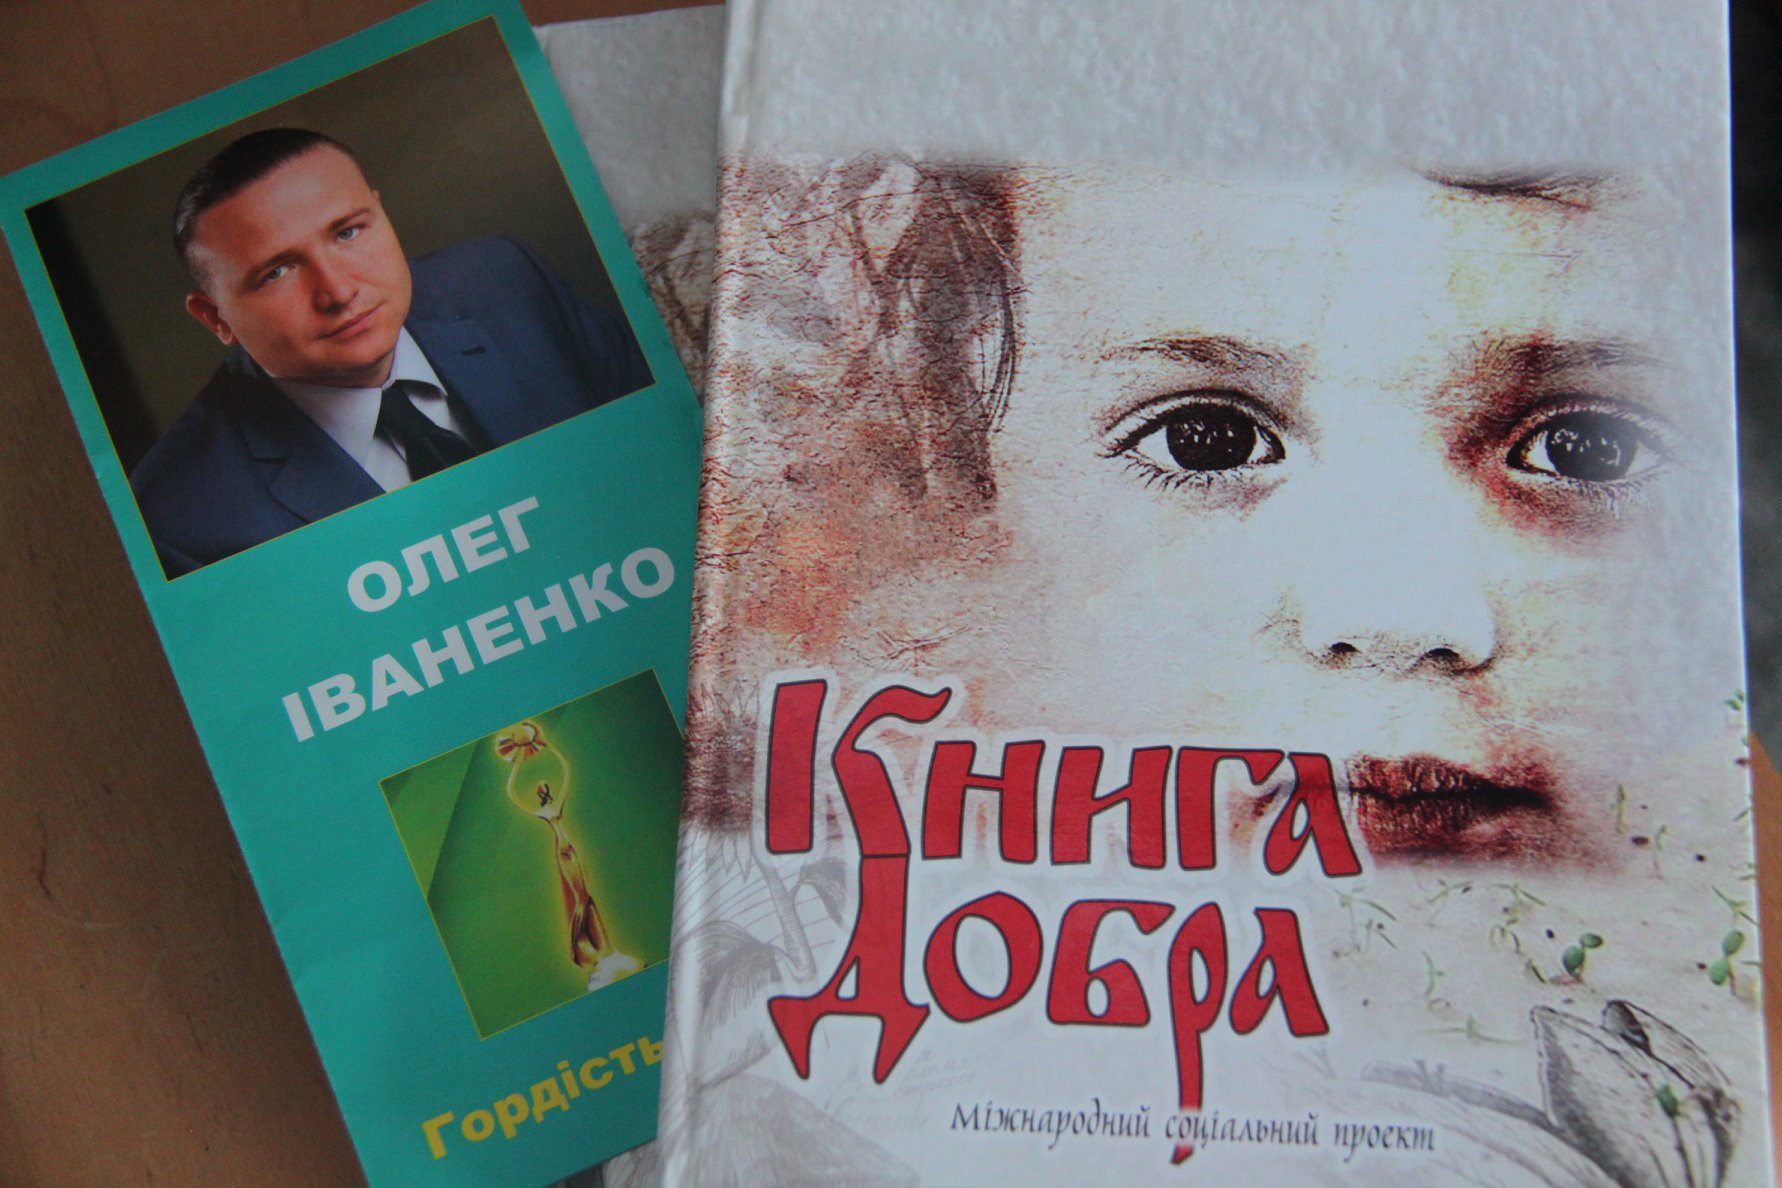 58379797_587287085103451_79986511688237056_o 1000 школярів України можуть взяти участь у проекті «Книга добра» (відео)